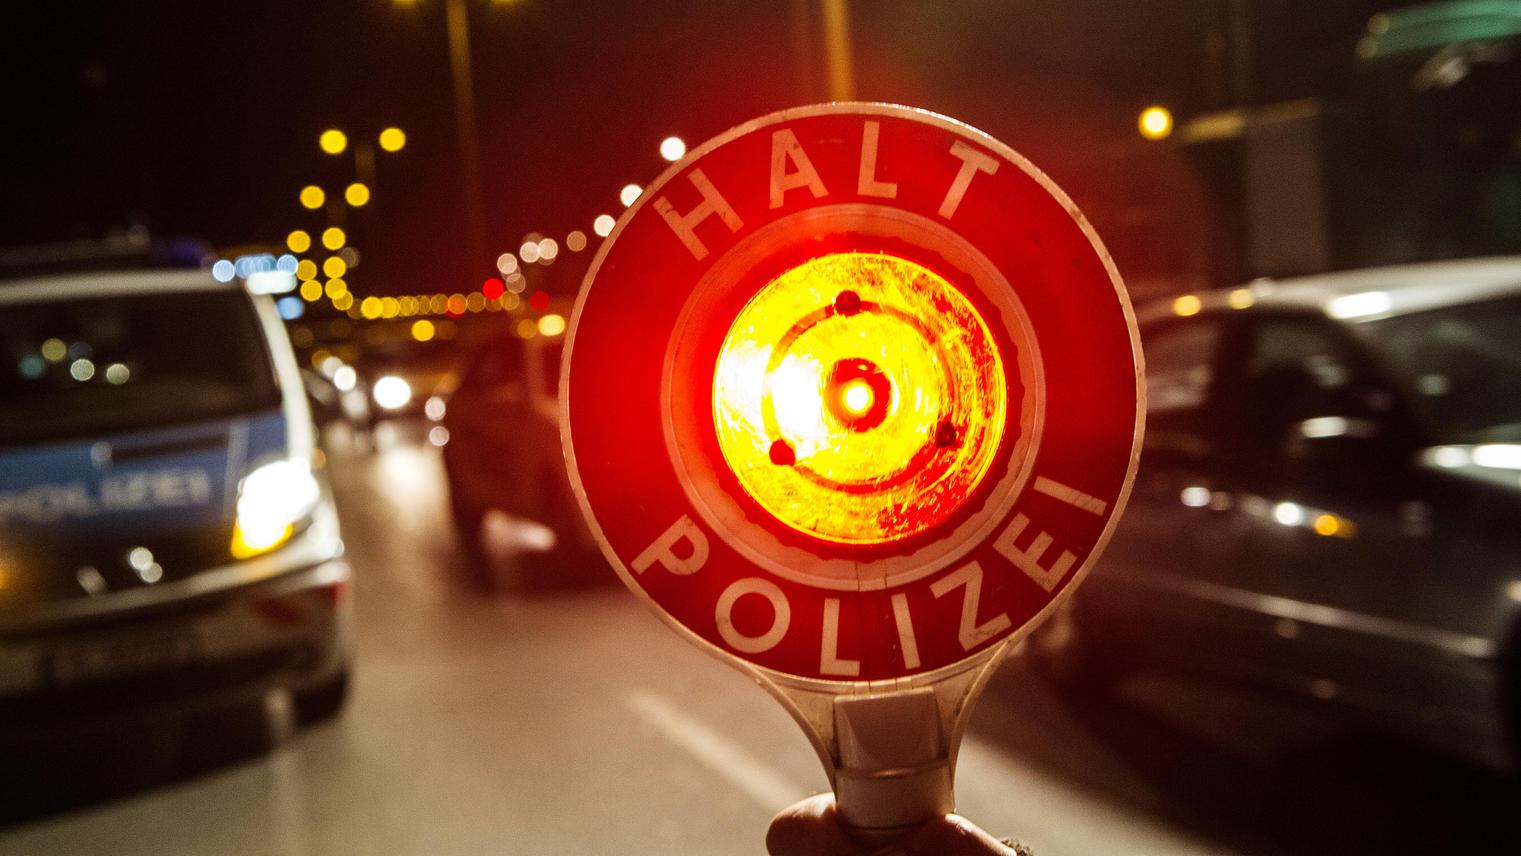 Die Polizei konnte einen jungen Rasererst stoppen, nachdem sie mehrfach auf sein Auto geschossen hatte.